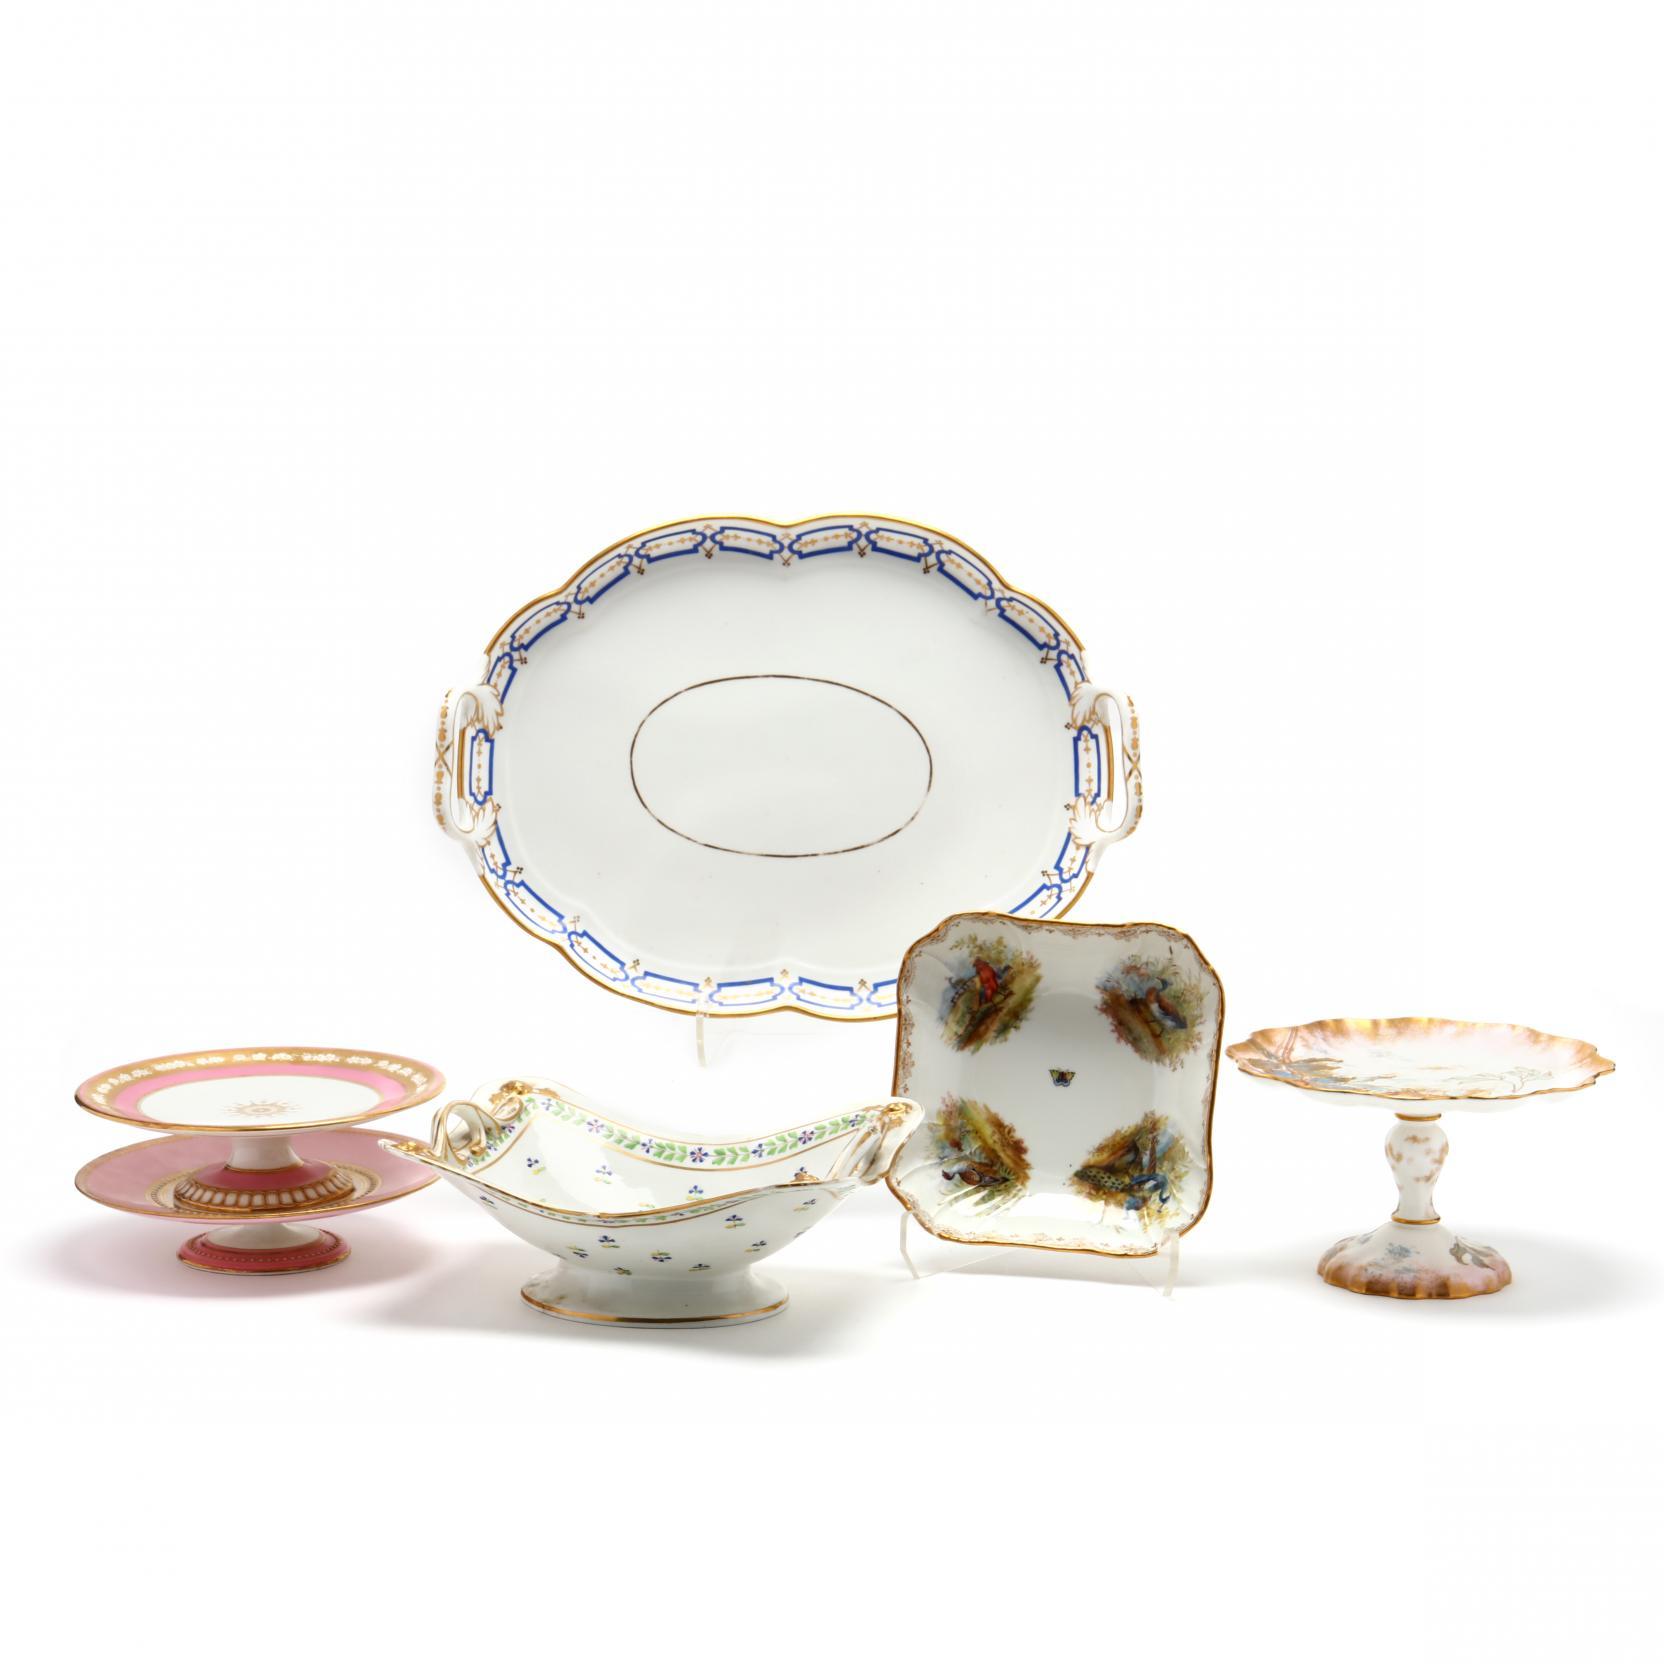 a-selection-of-elaborate-antique-porcelain-serving-pieces